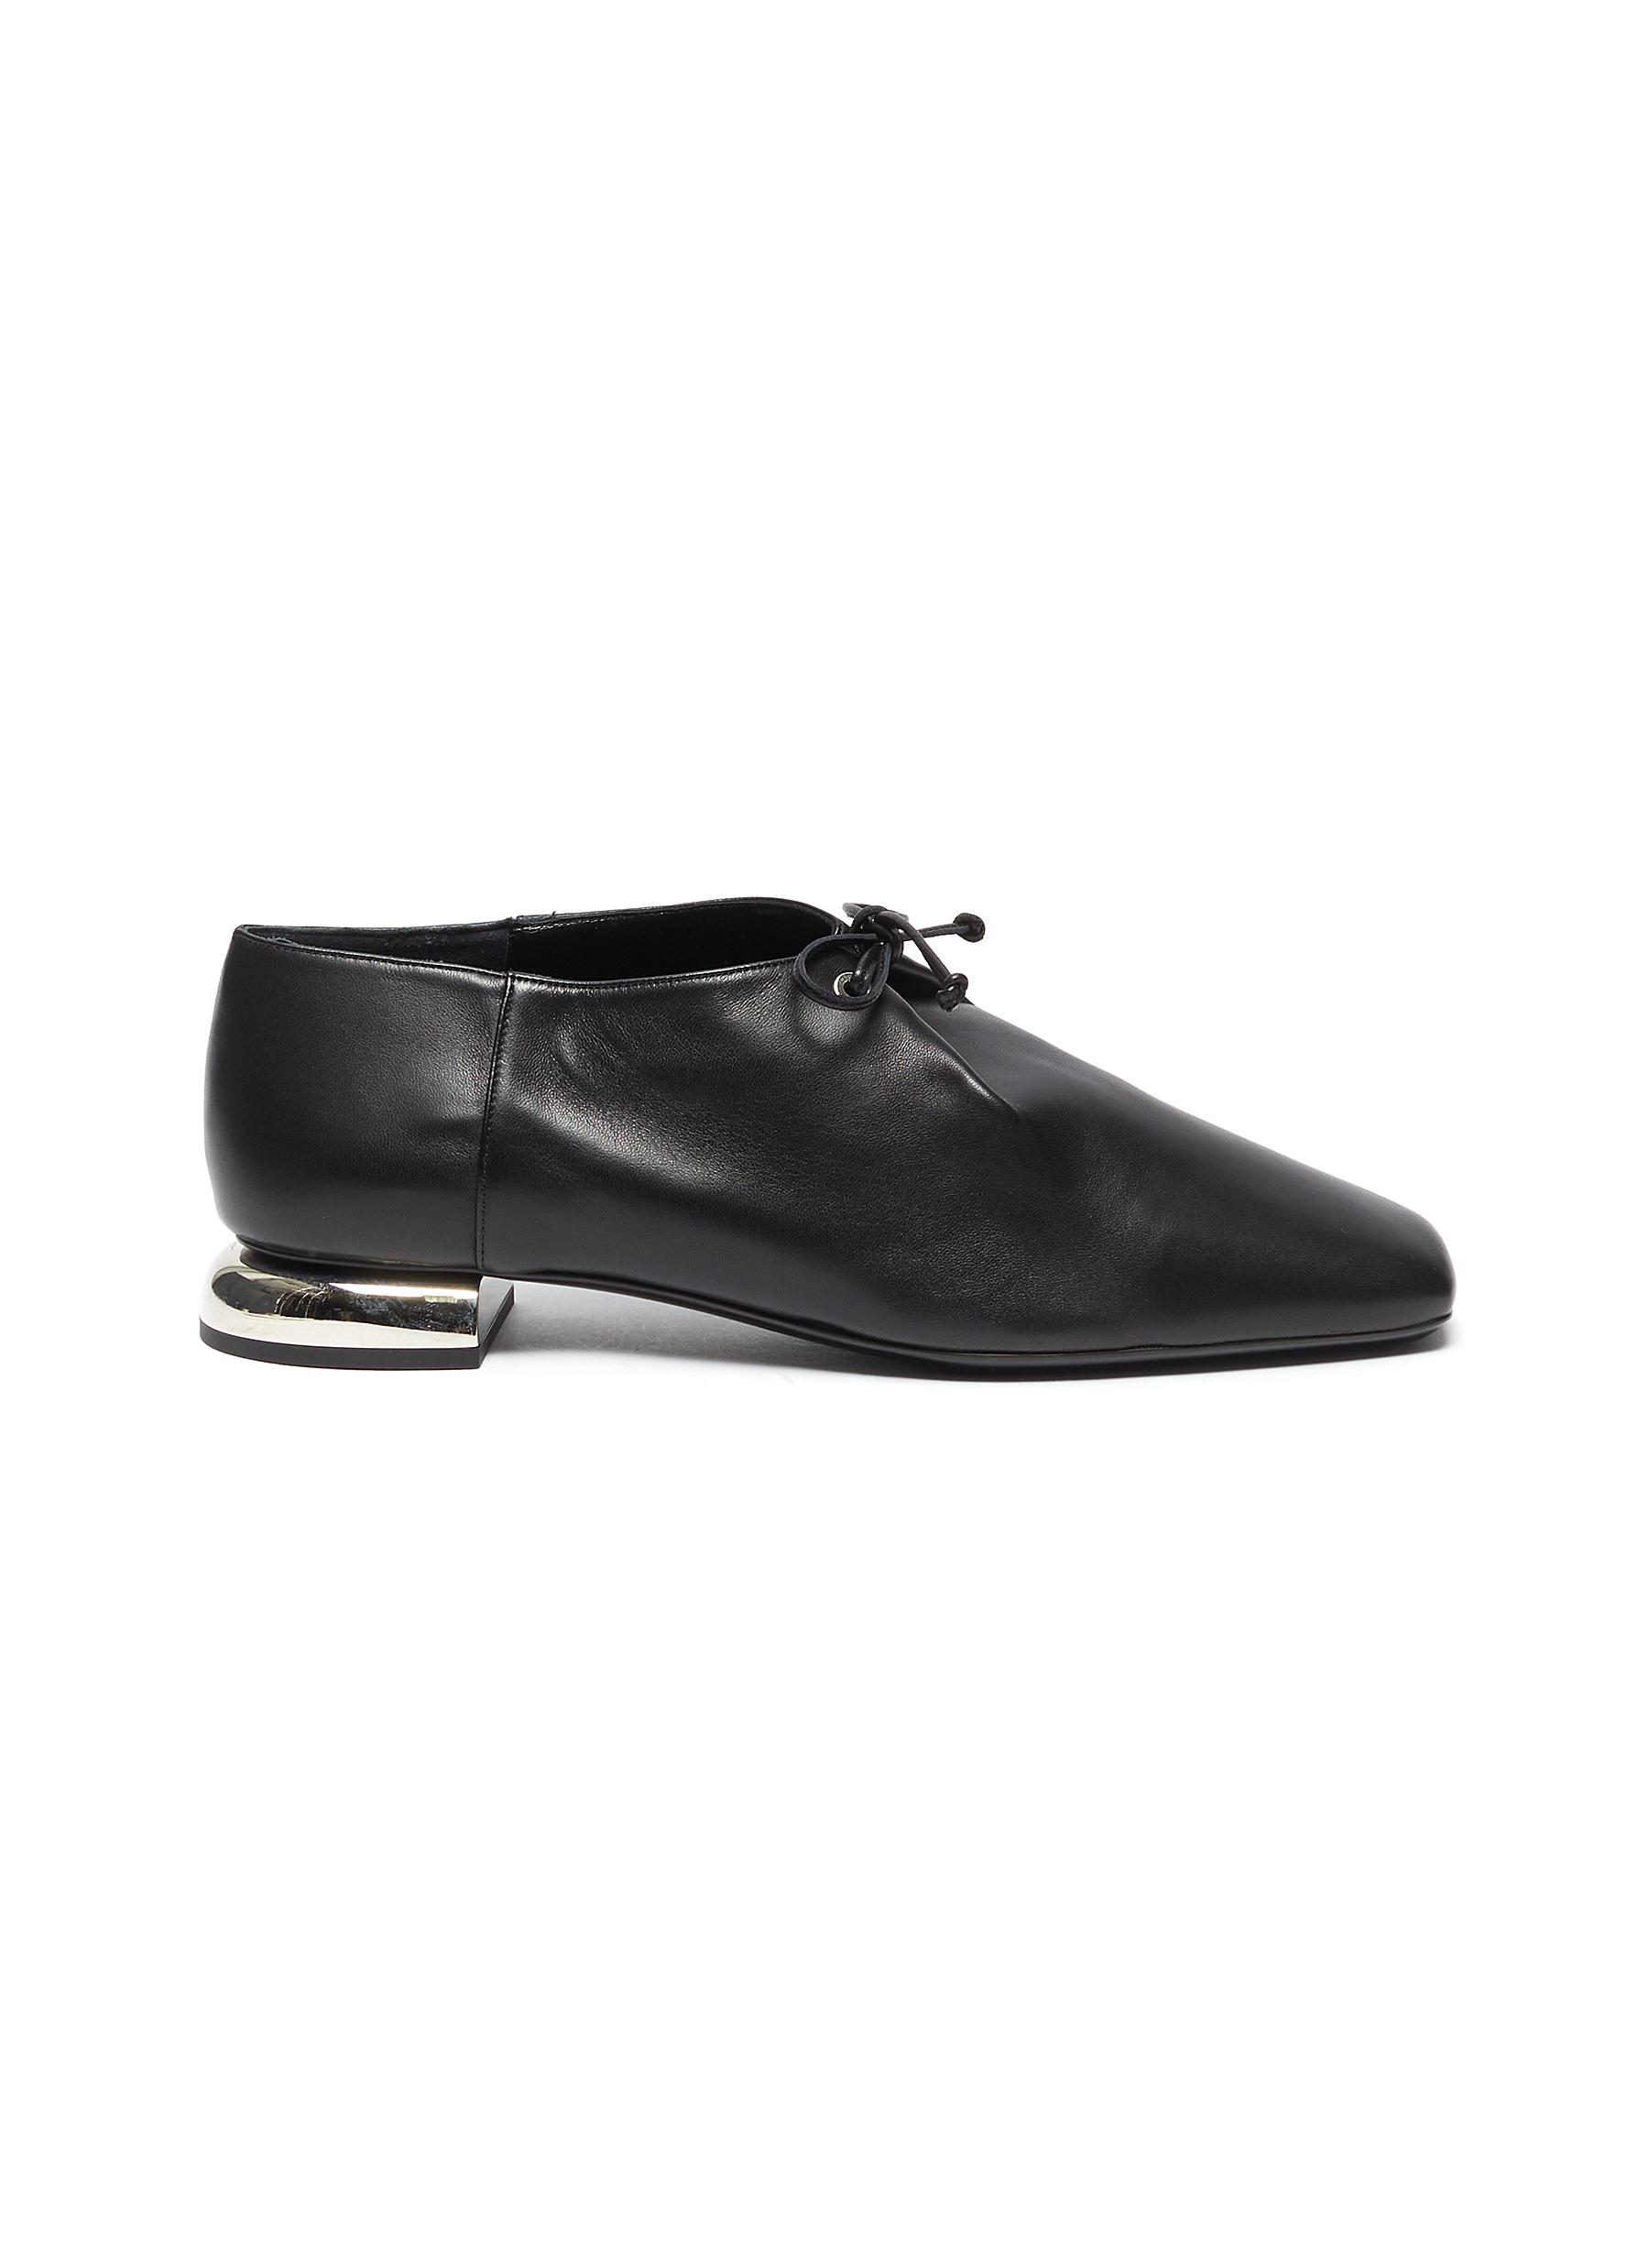 Satellite' lambskin leather loafers - PIERRE HARDY - Modalova